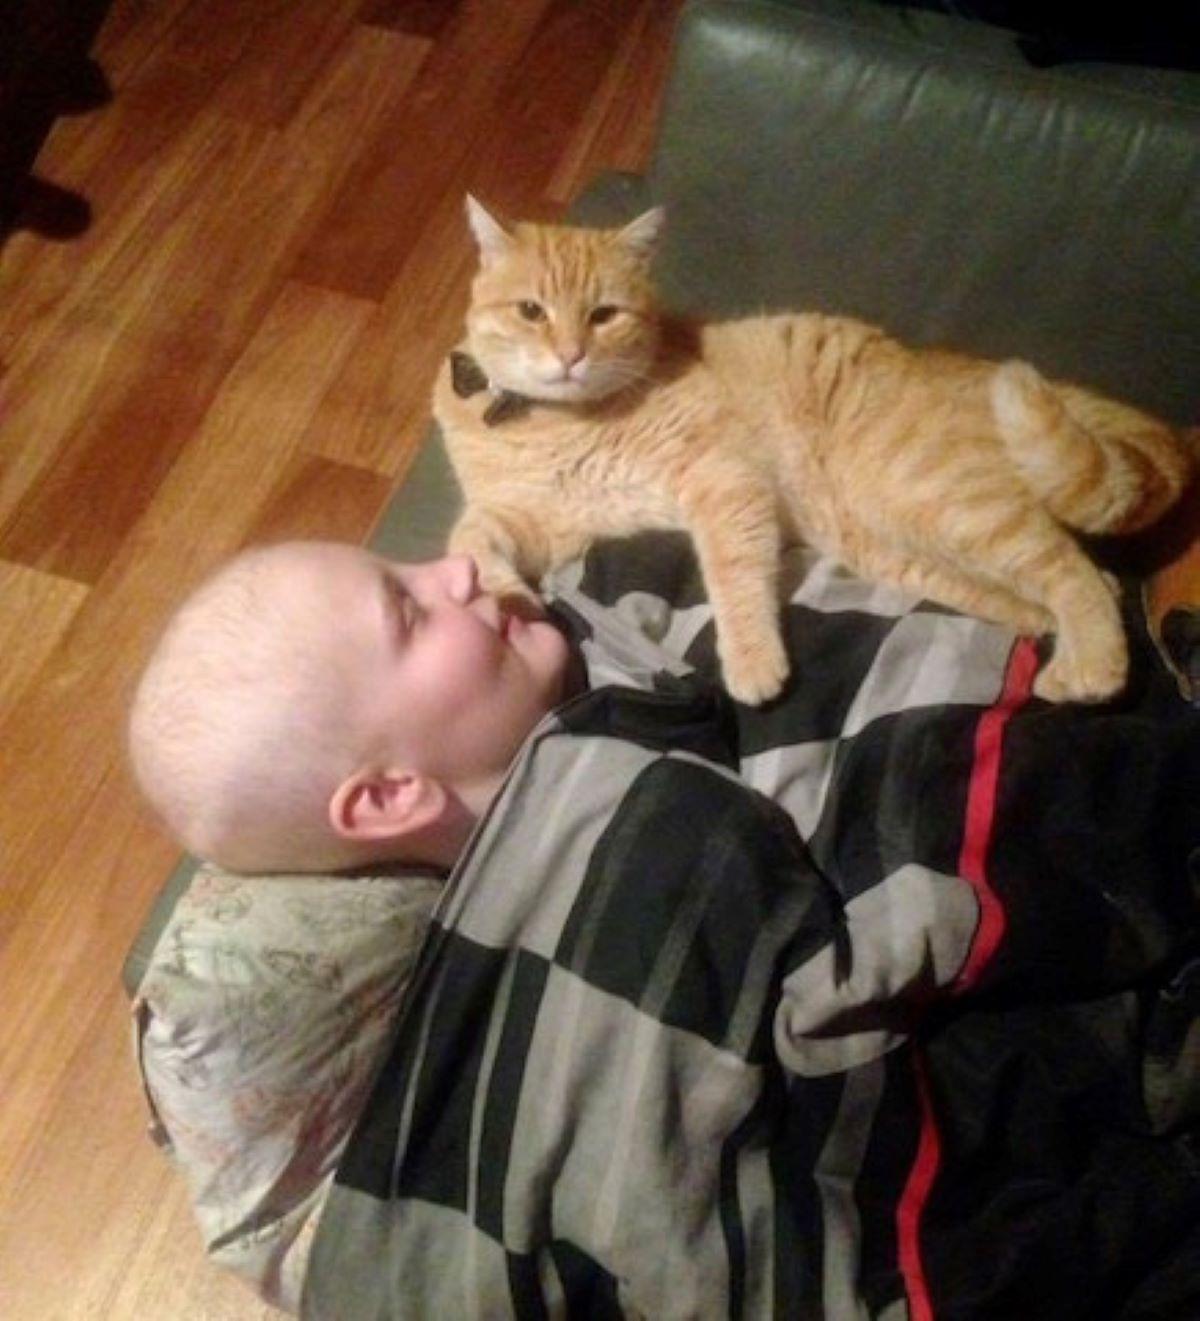 il-gatto-assiste-il-suo-amico-malato